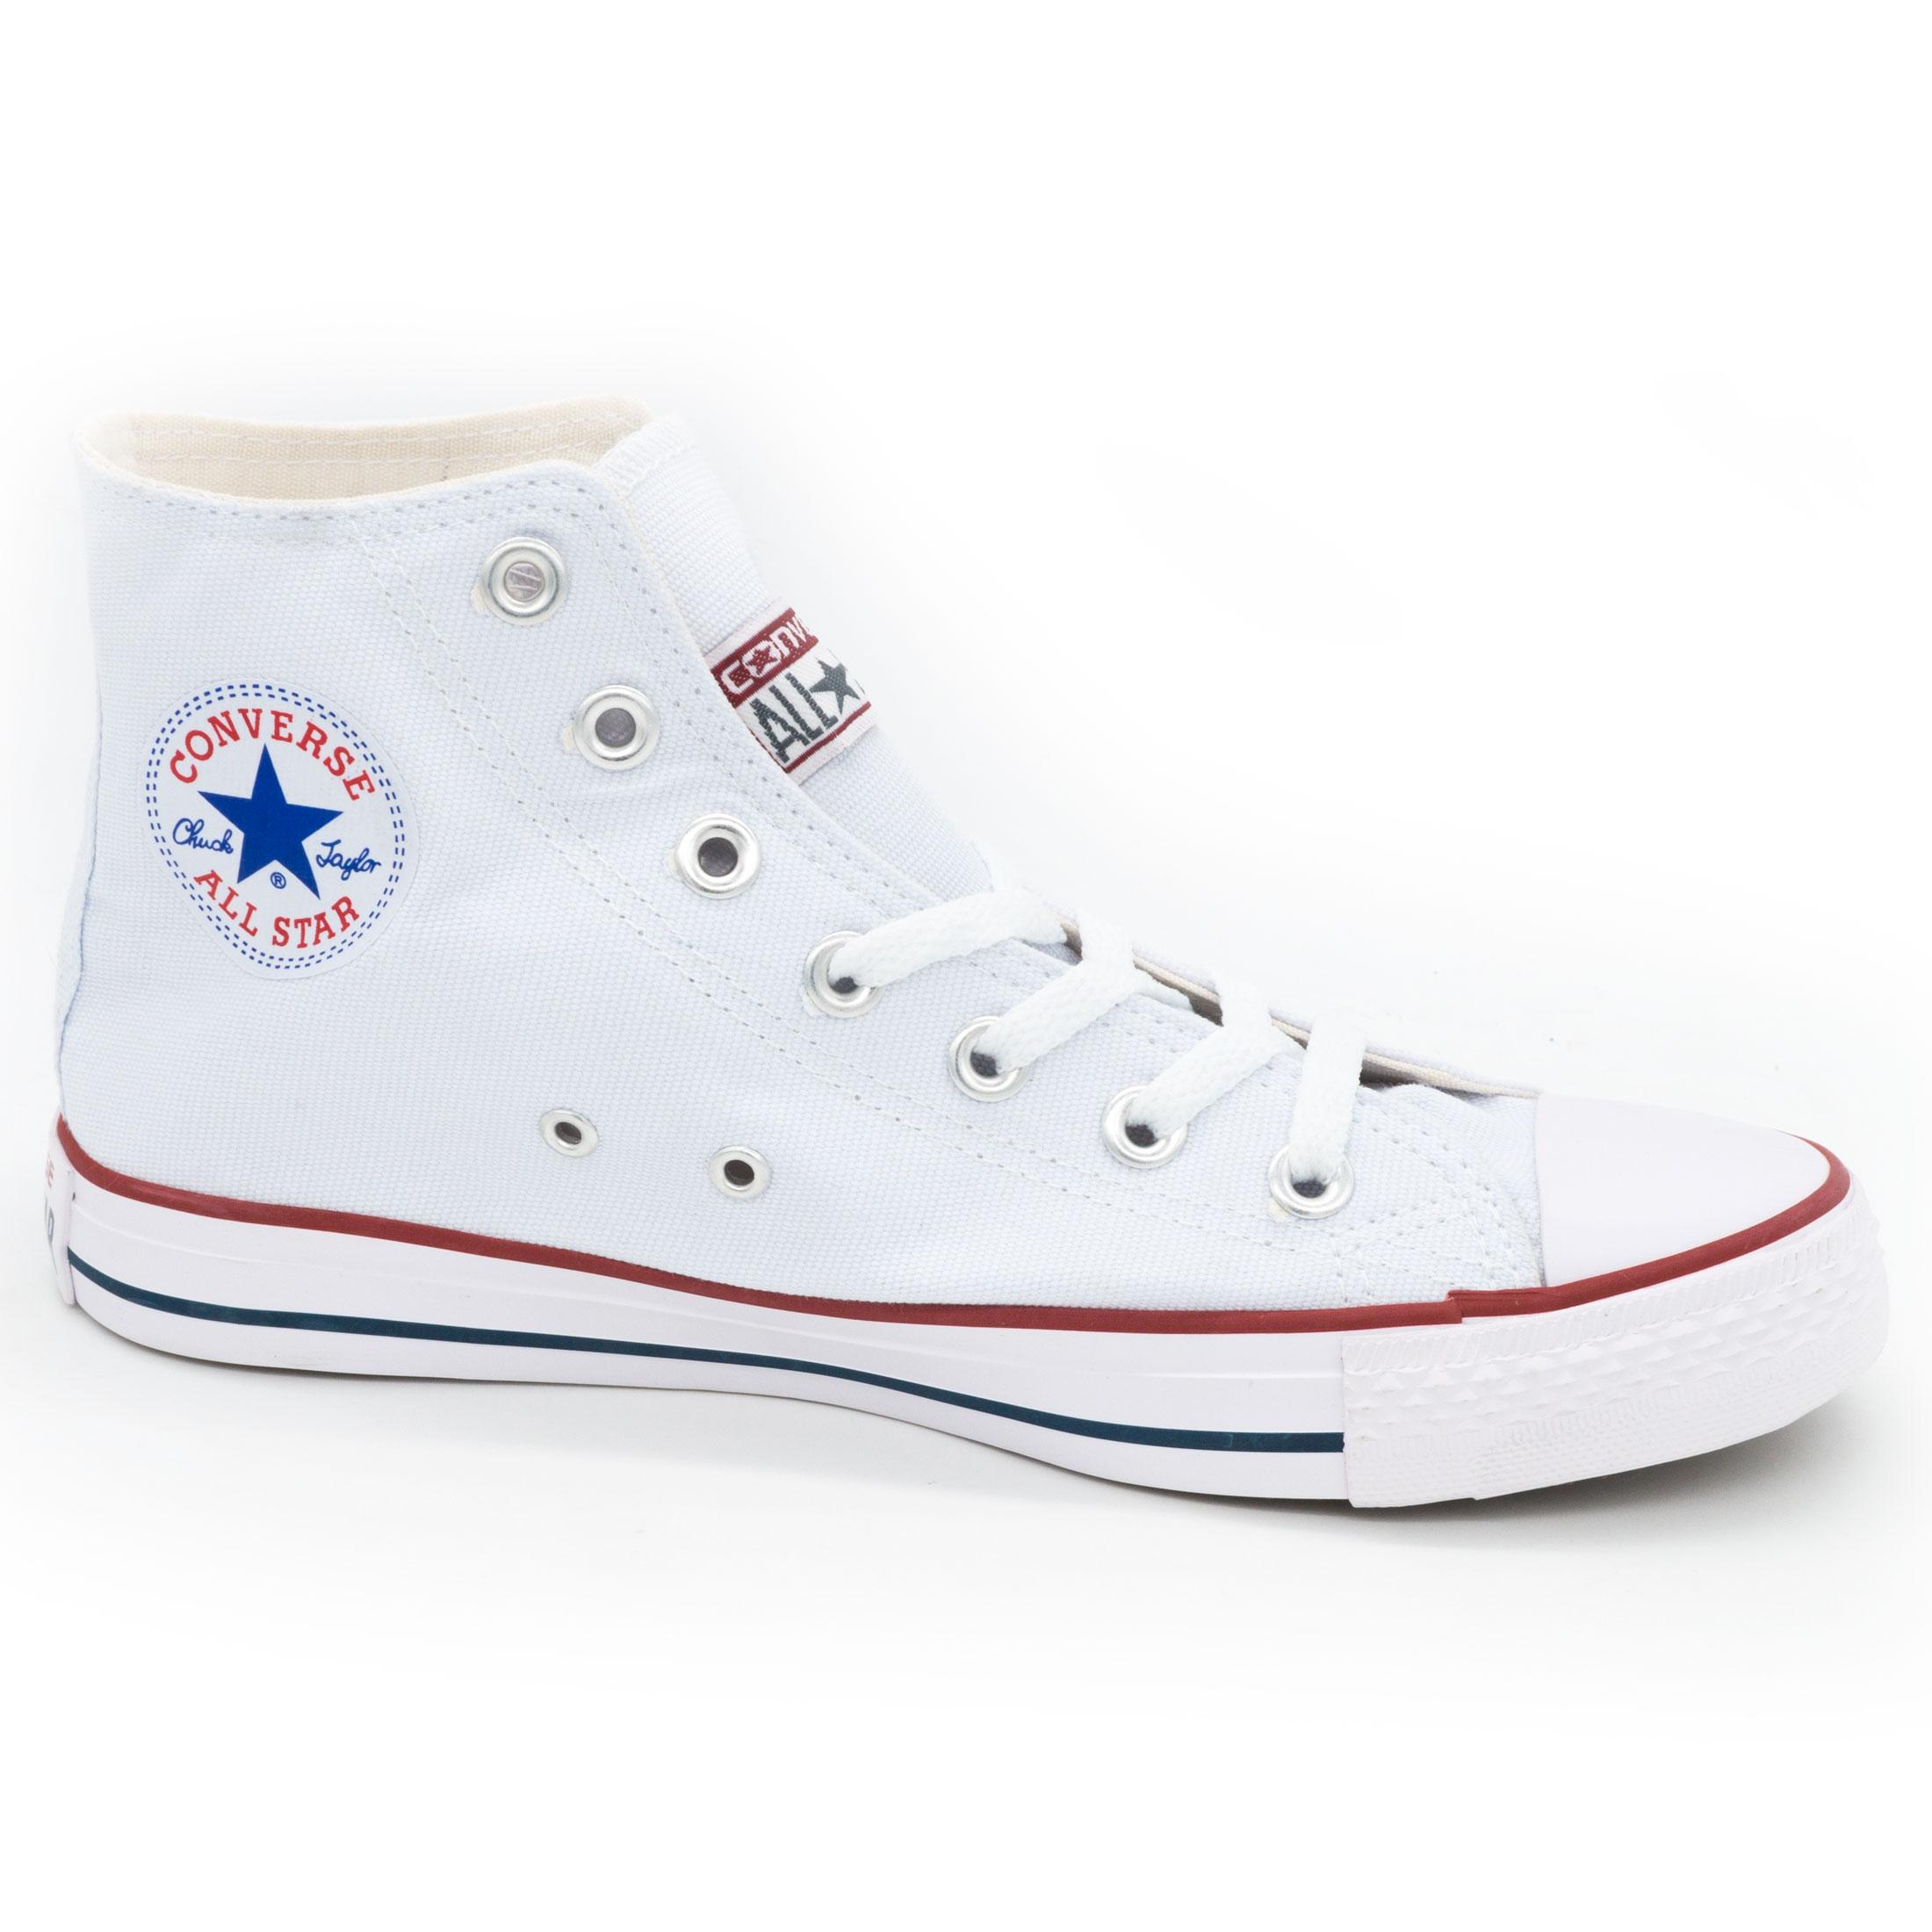 Высокие белые кеды converse, купить кеды converse в интернет ... 2ba105fea90